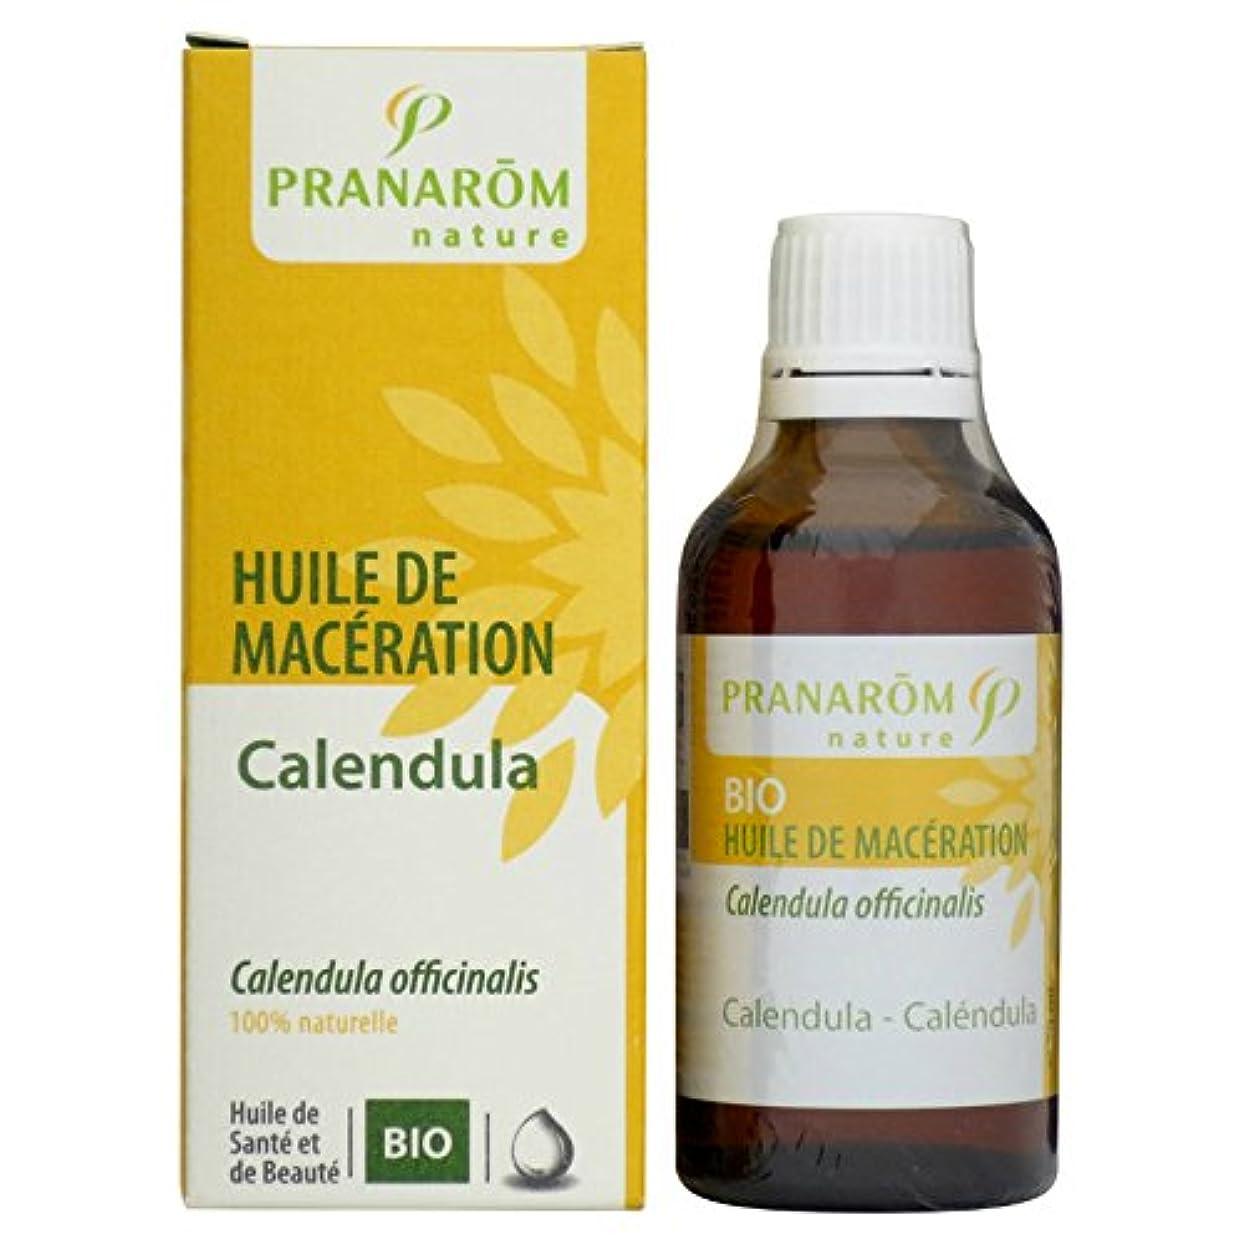 傾向がある不完全な寄託プラナロム カレンデュラオイル 50ml (PRANAROM 植物油)